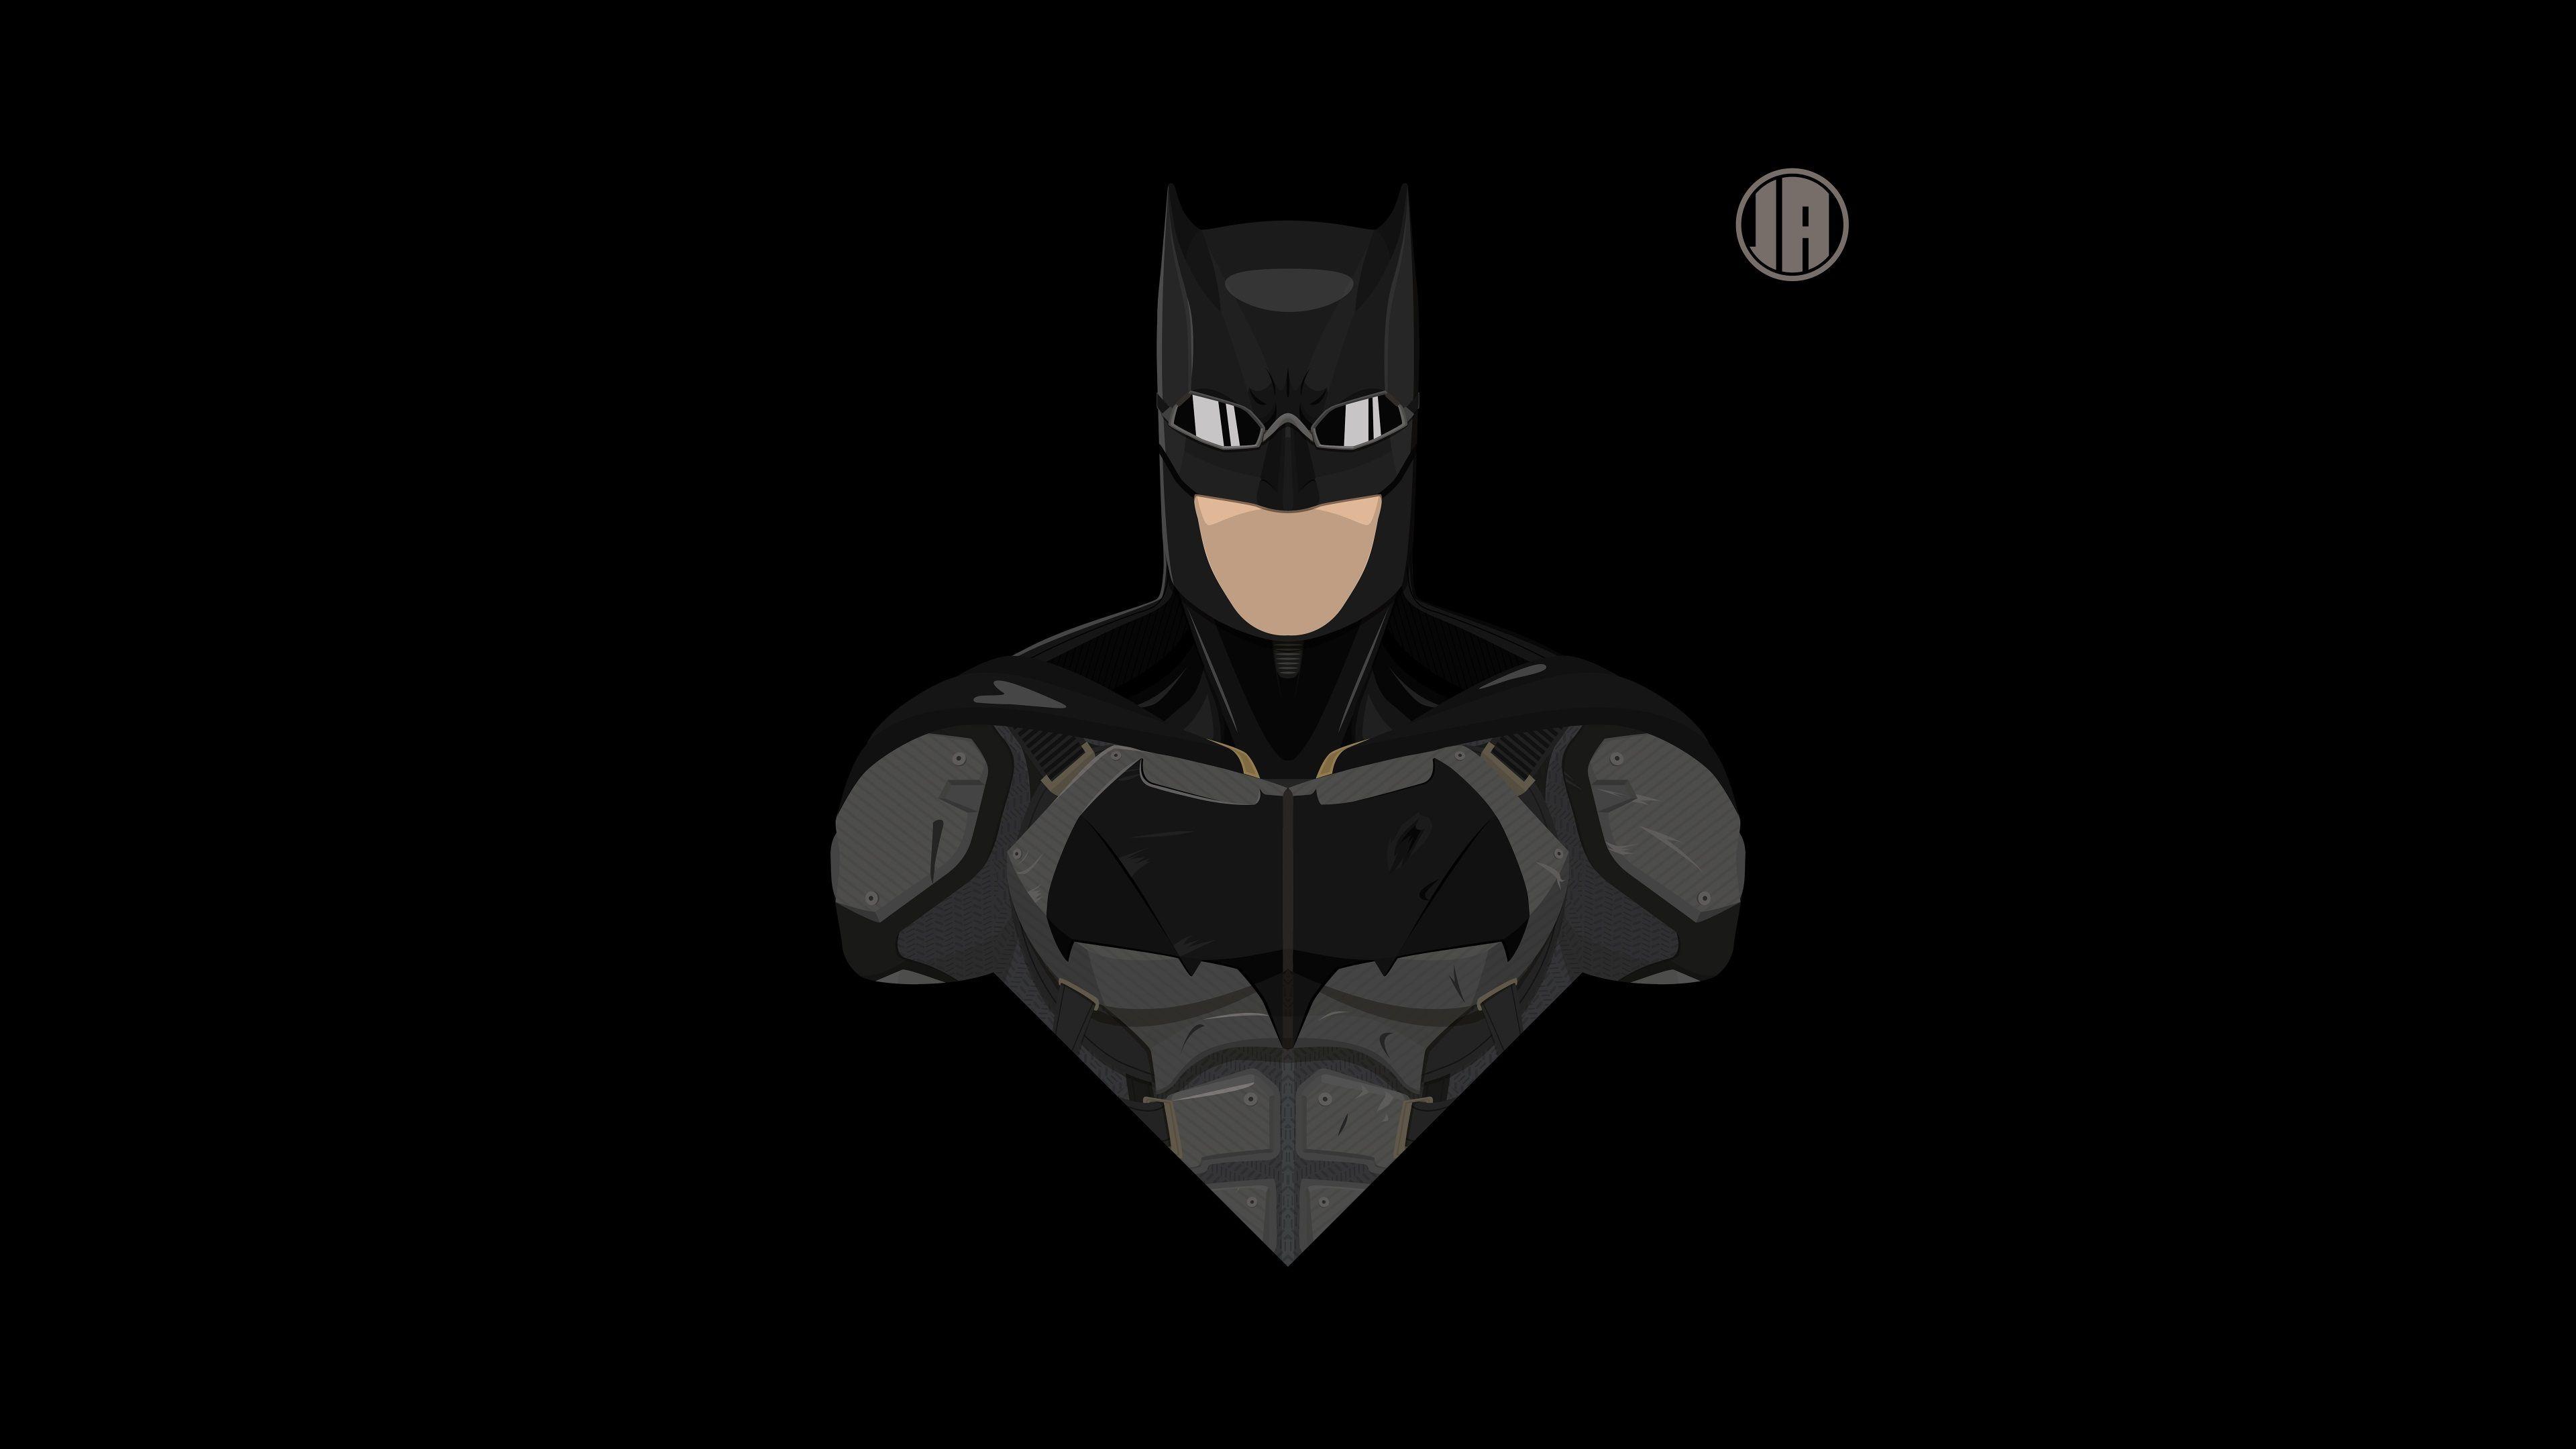 3840x2160 Batman 4k Large Wallpaper For Desktop Batman Wallpaper Marvel Comics Wallpaper Deadpool Wallpaper Funny